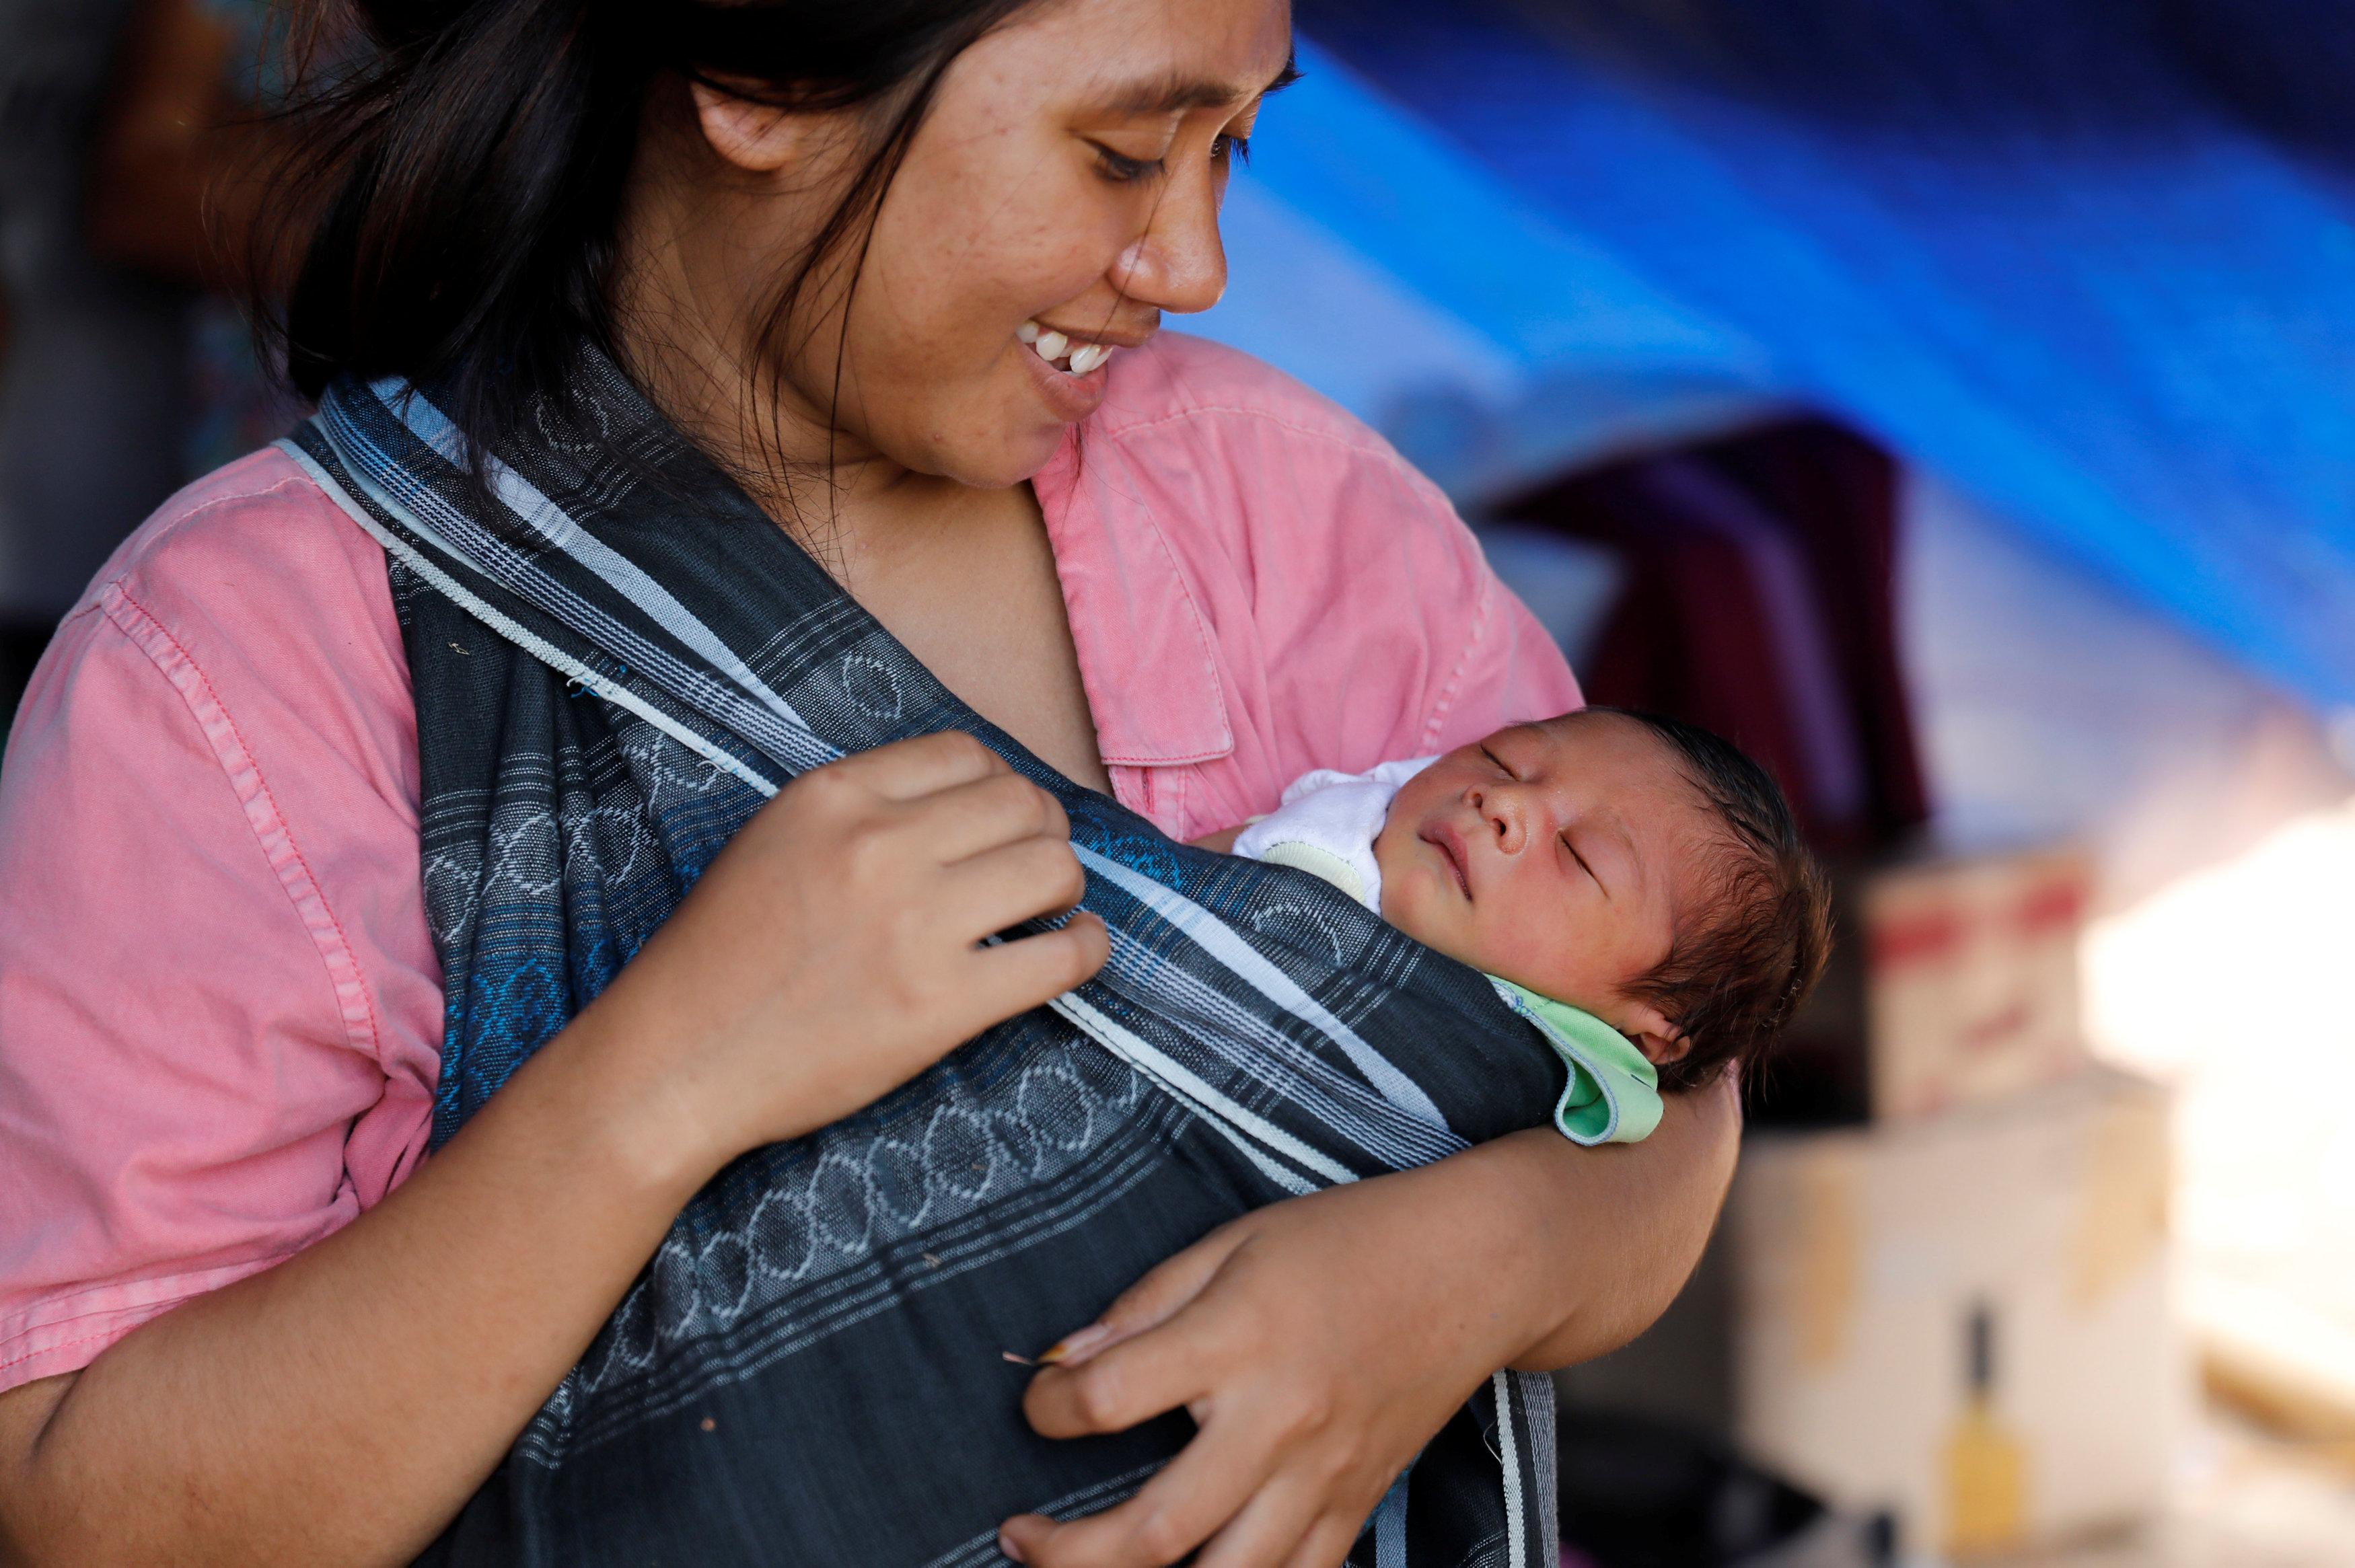 لارو رافاسيا عرفان طفل عمرة ثلاثة أيام تحتجزه والدته فى ملجأ مؤقت